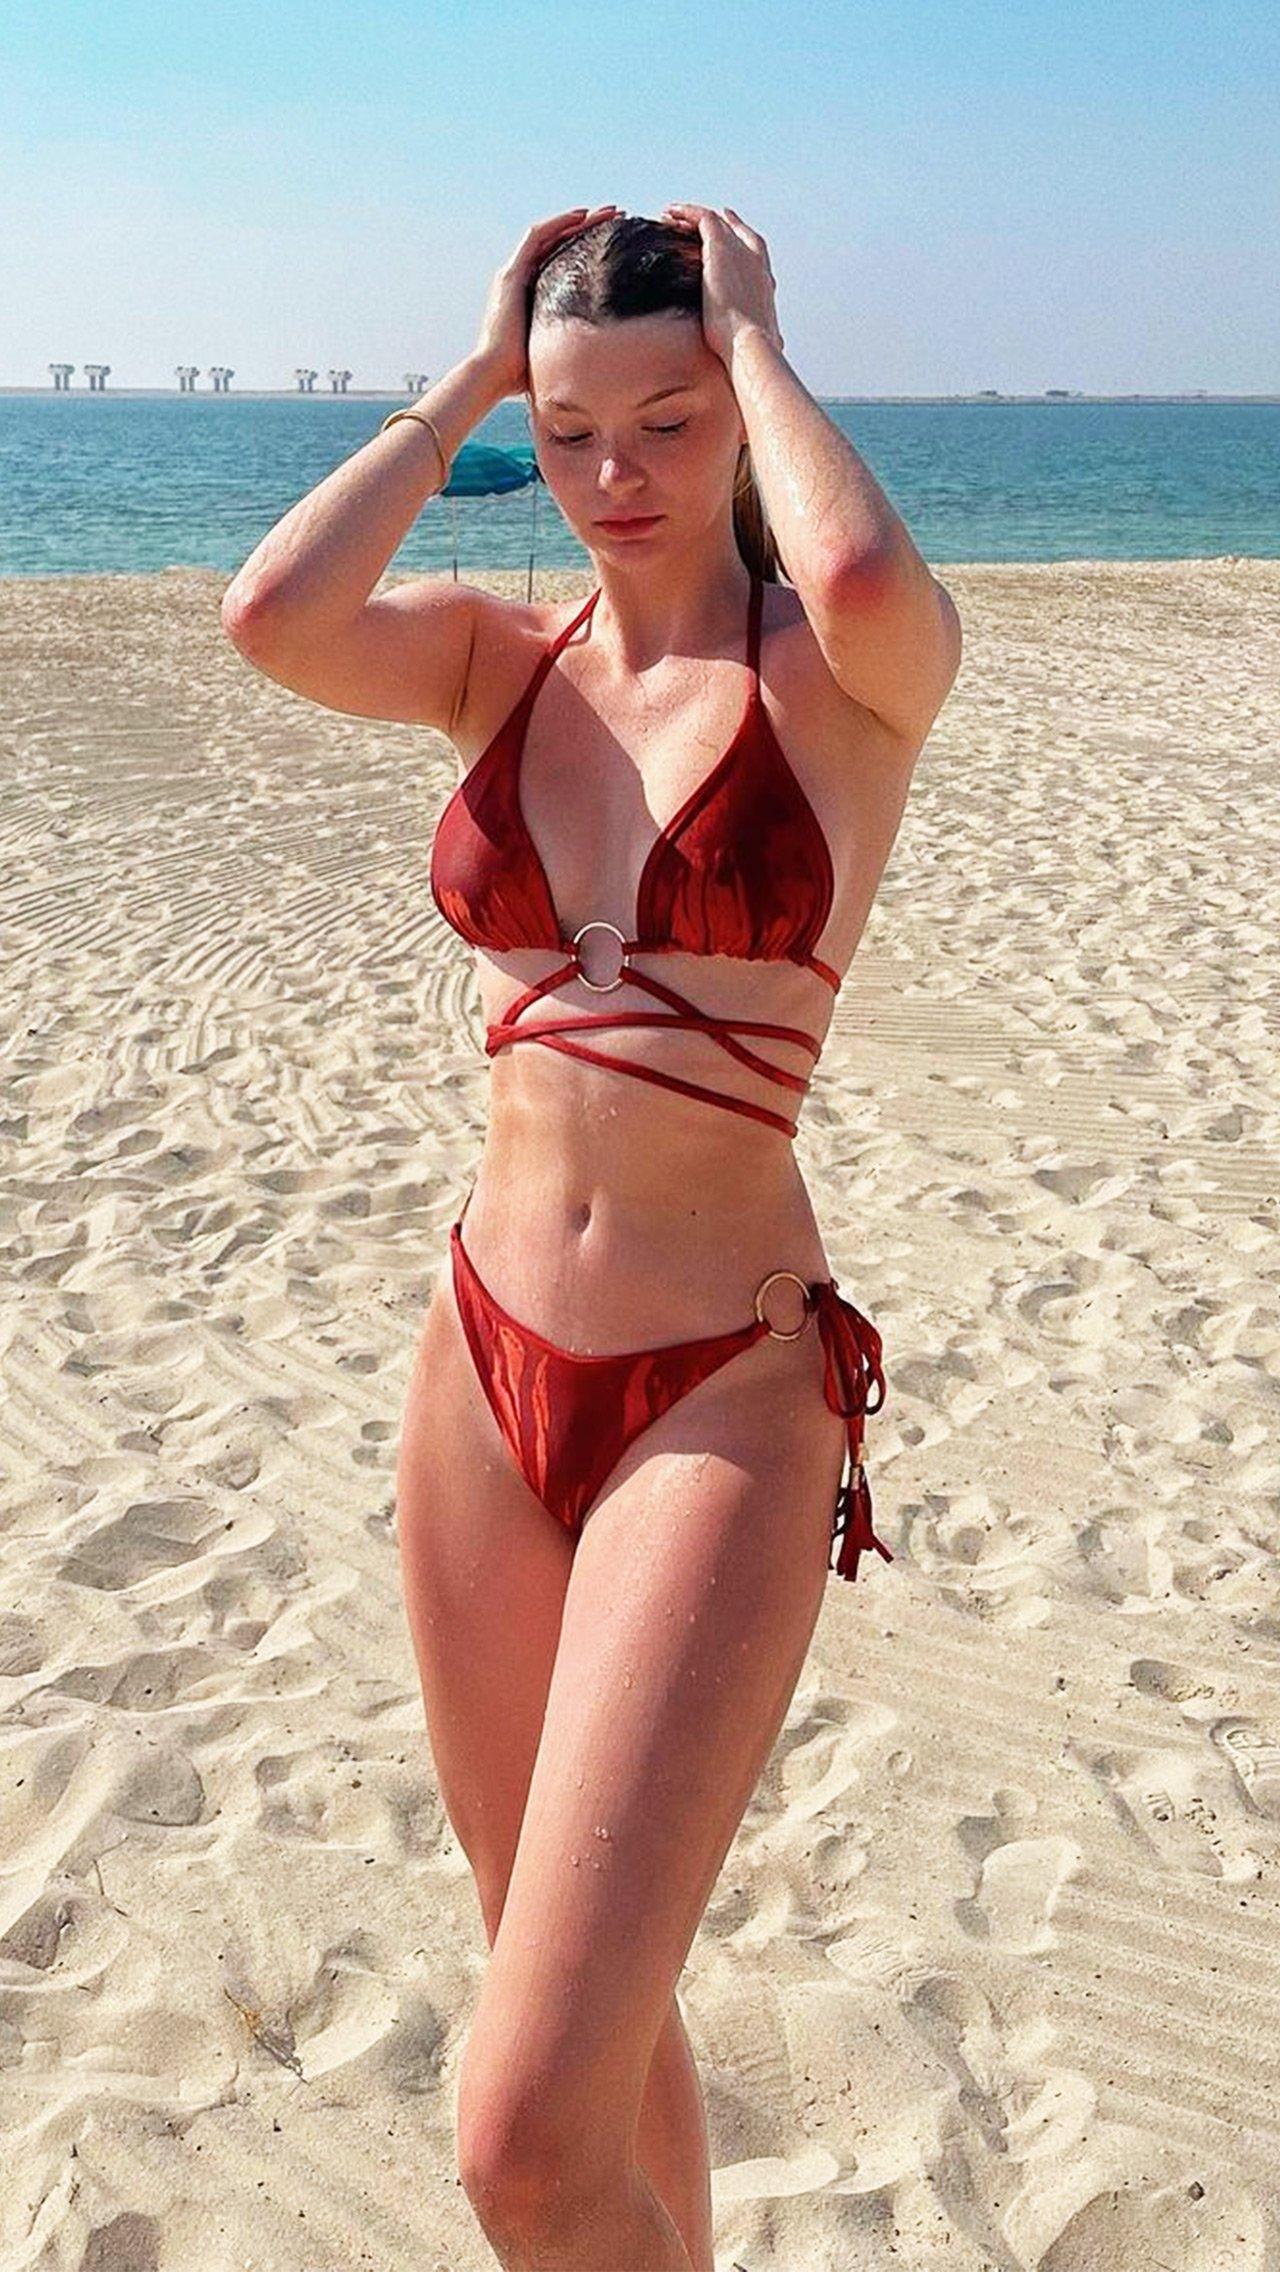 Анастасия Скопцова порадовала фанатов красивыми фотографиями из отпуска в Дубае.